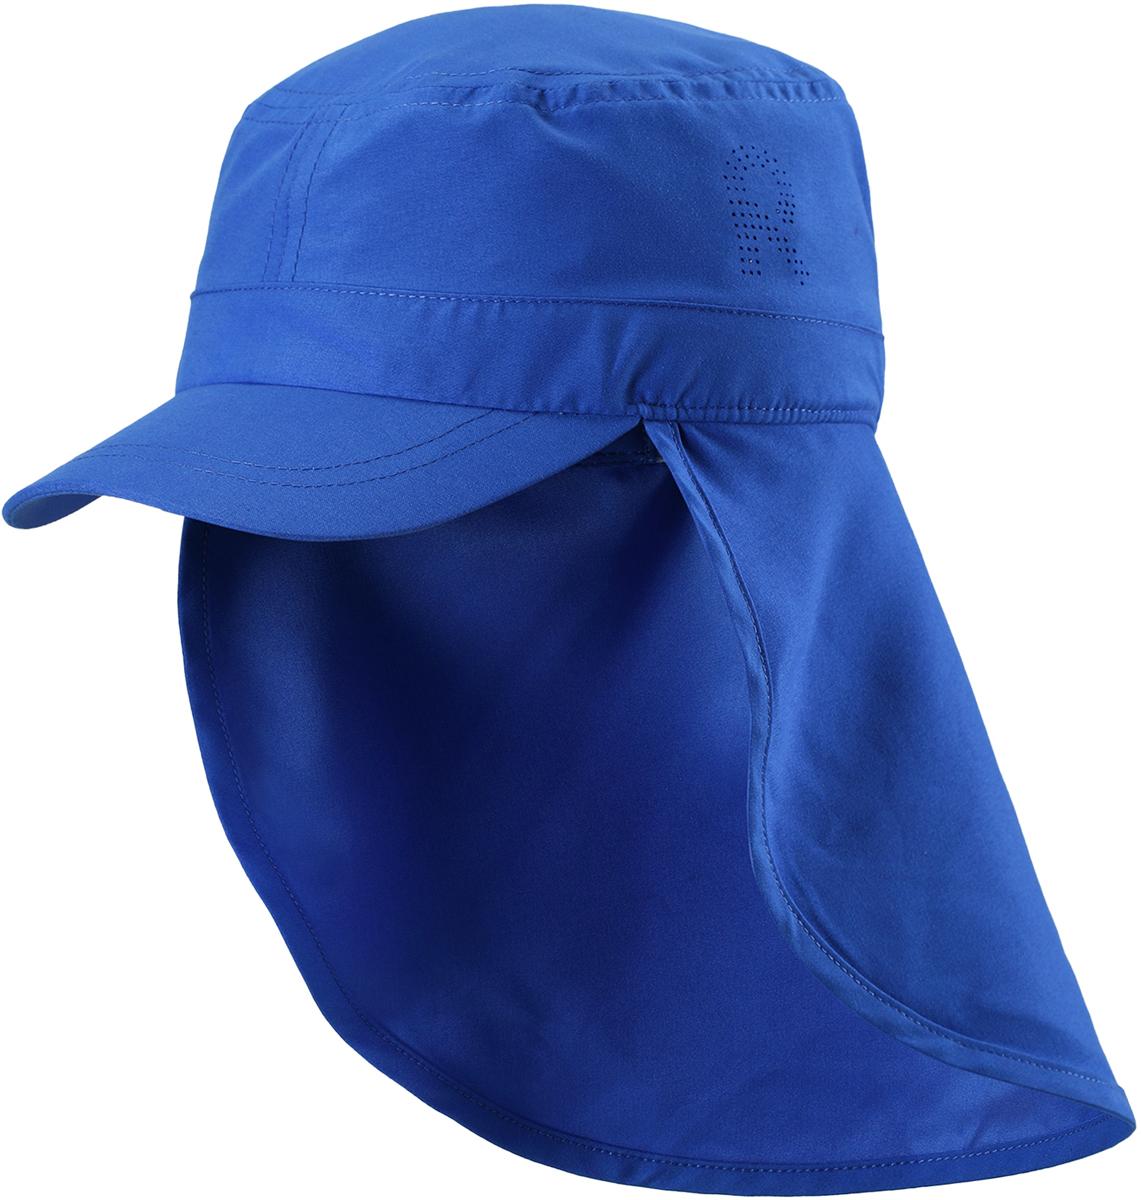 Панама детская Reima, цвет: синий. 5285336640. Размер 505285336640